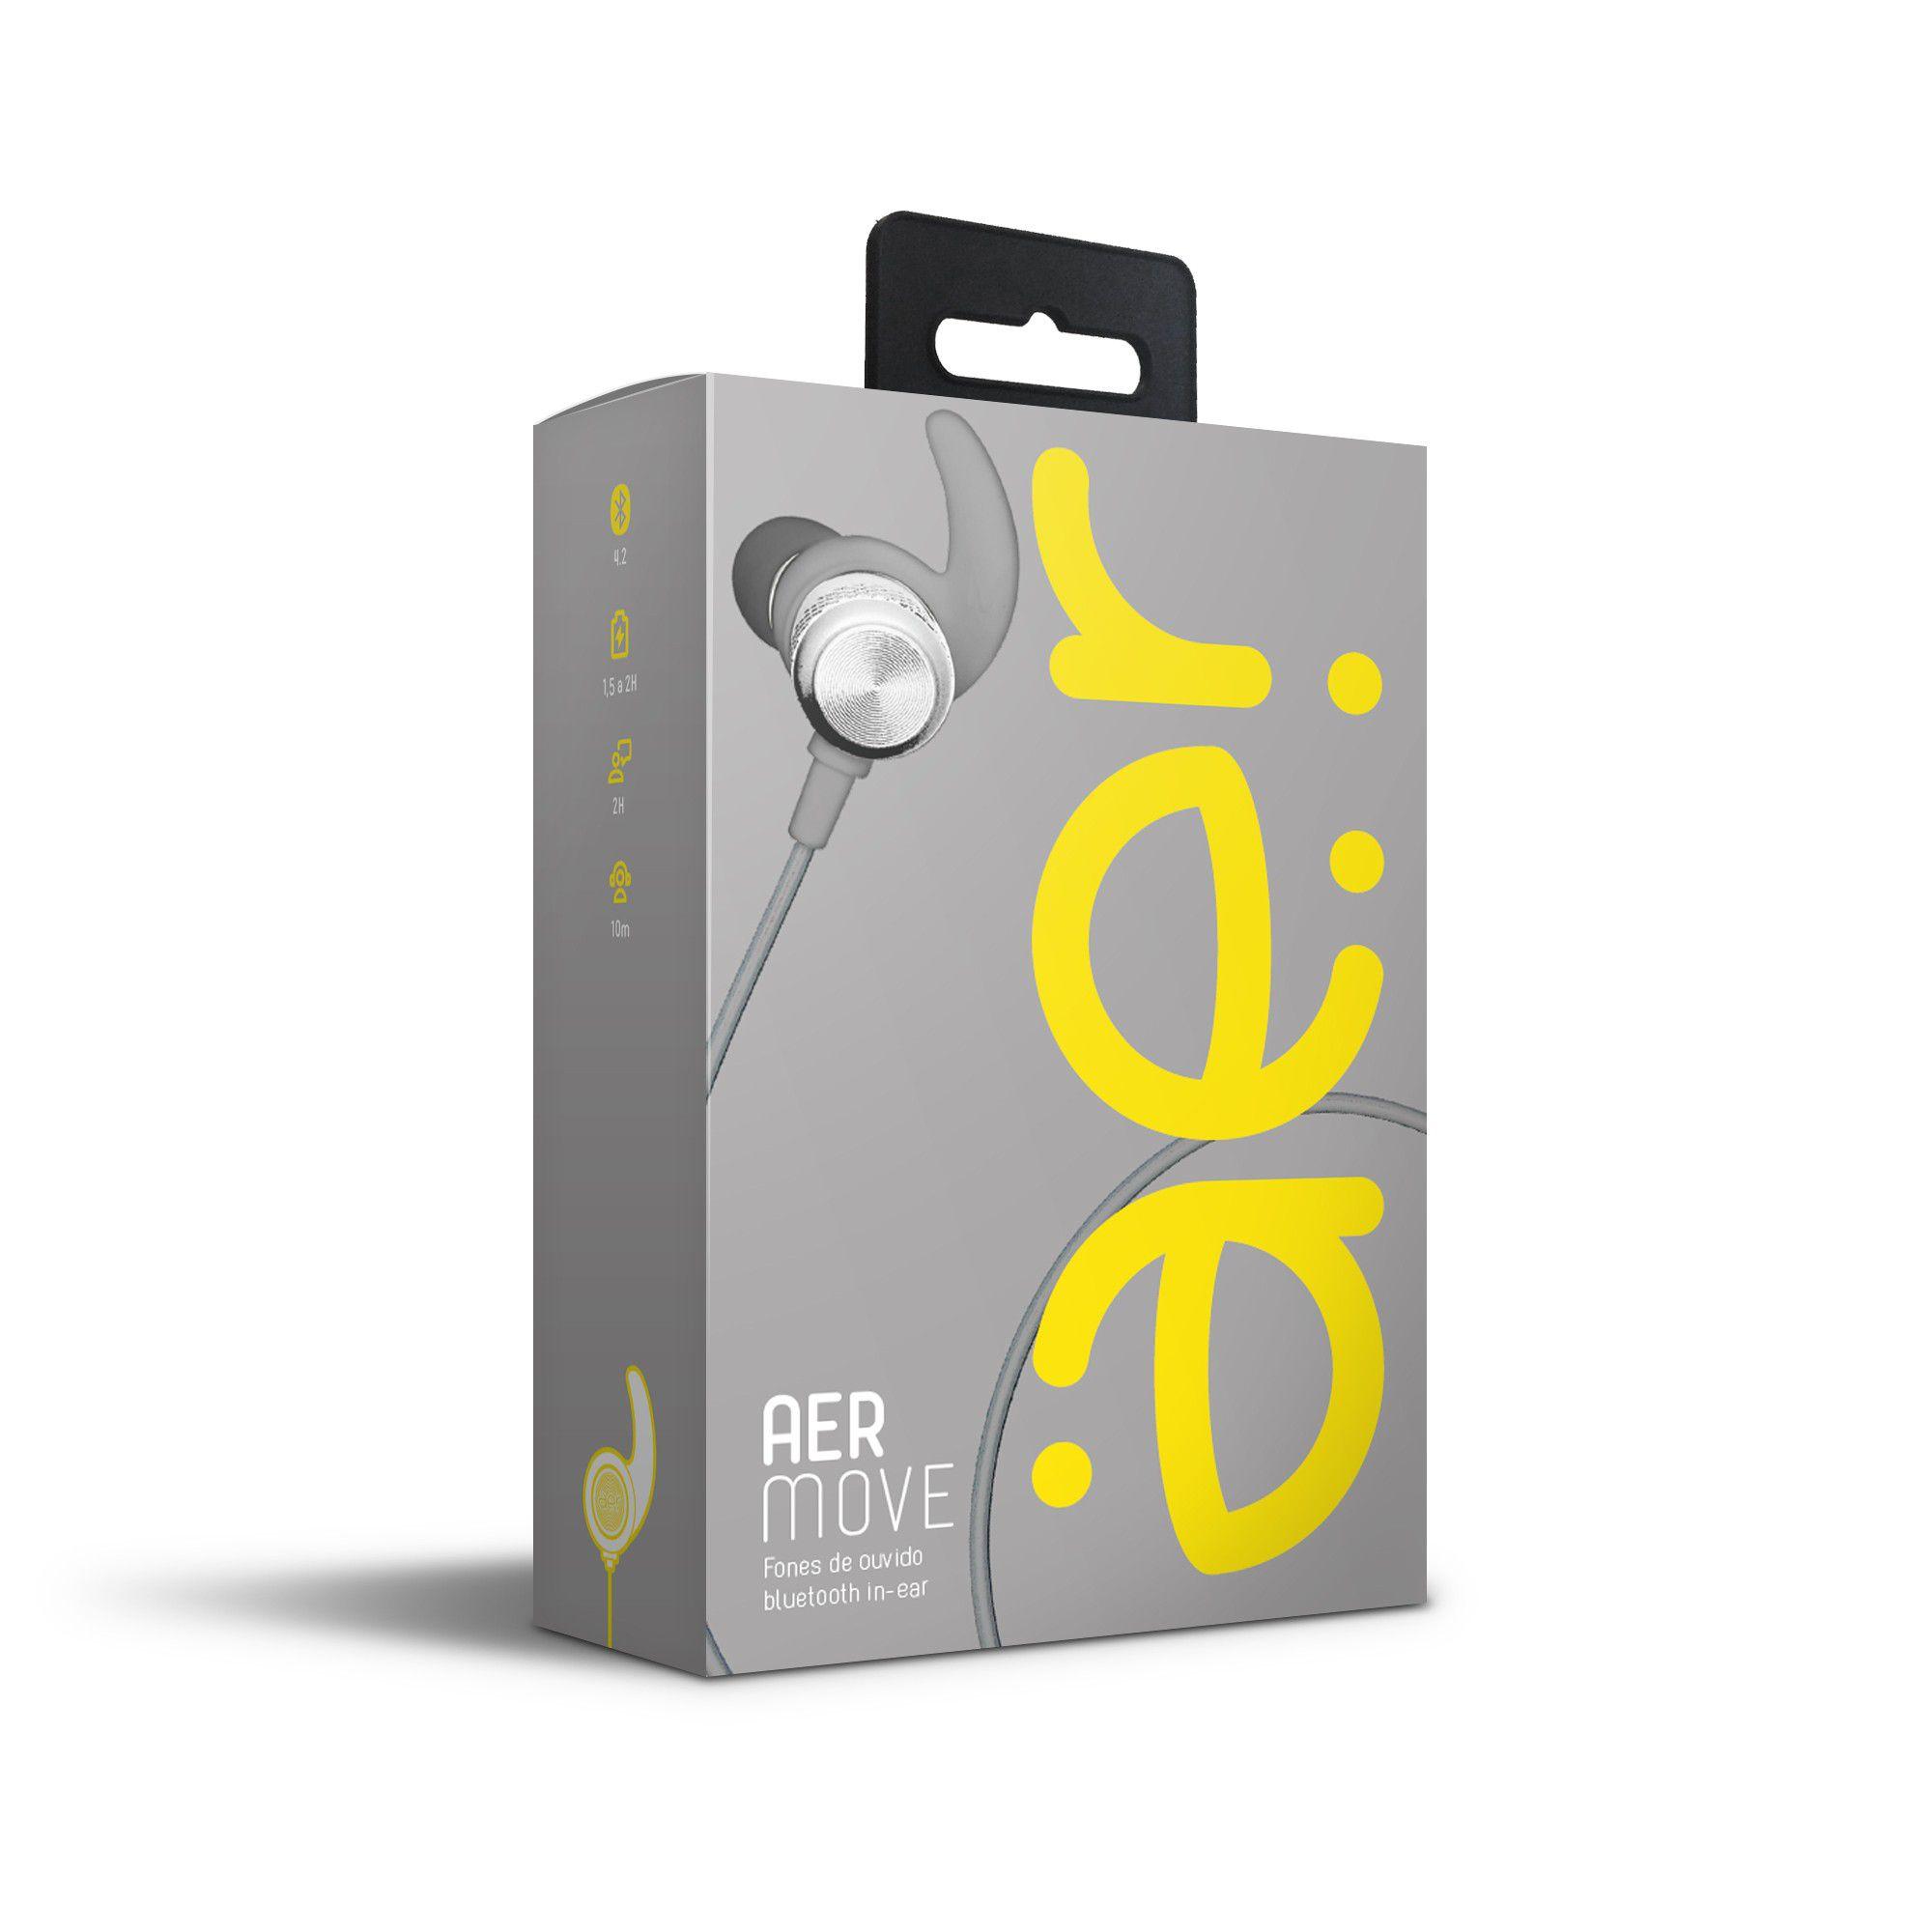 Fones de Ouvido Bluetooth Intra-Auricular Aermove Prata - Aer